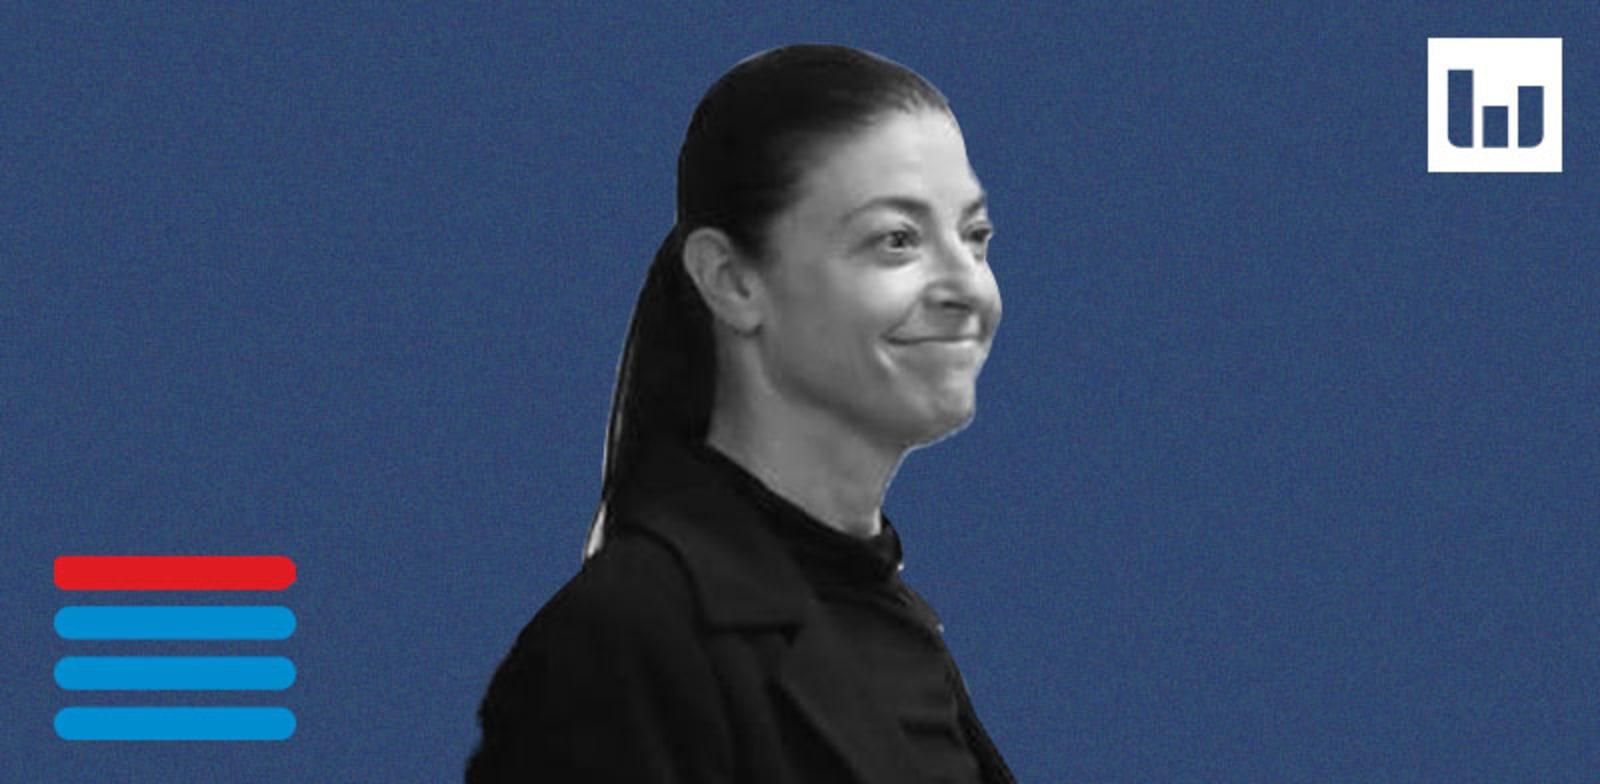 """מרב מיכאלי, יו""""ר מפלגת העבודה / צילום: מפלגת העבודה"""